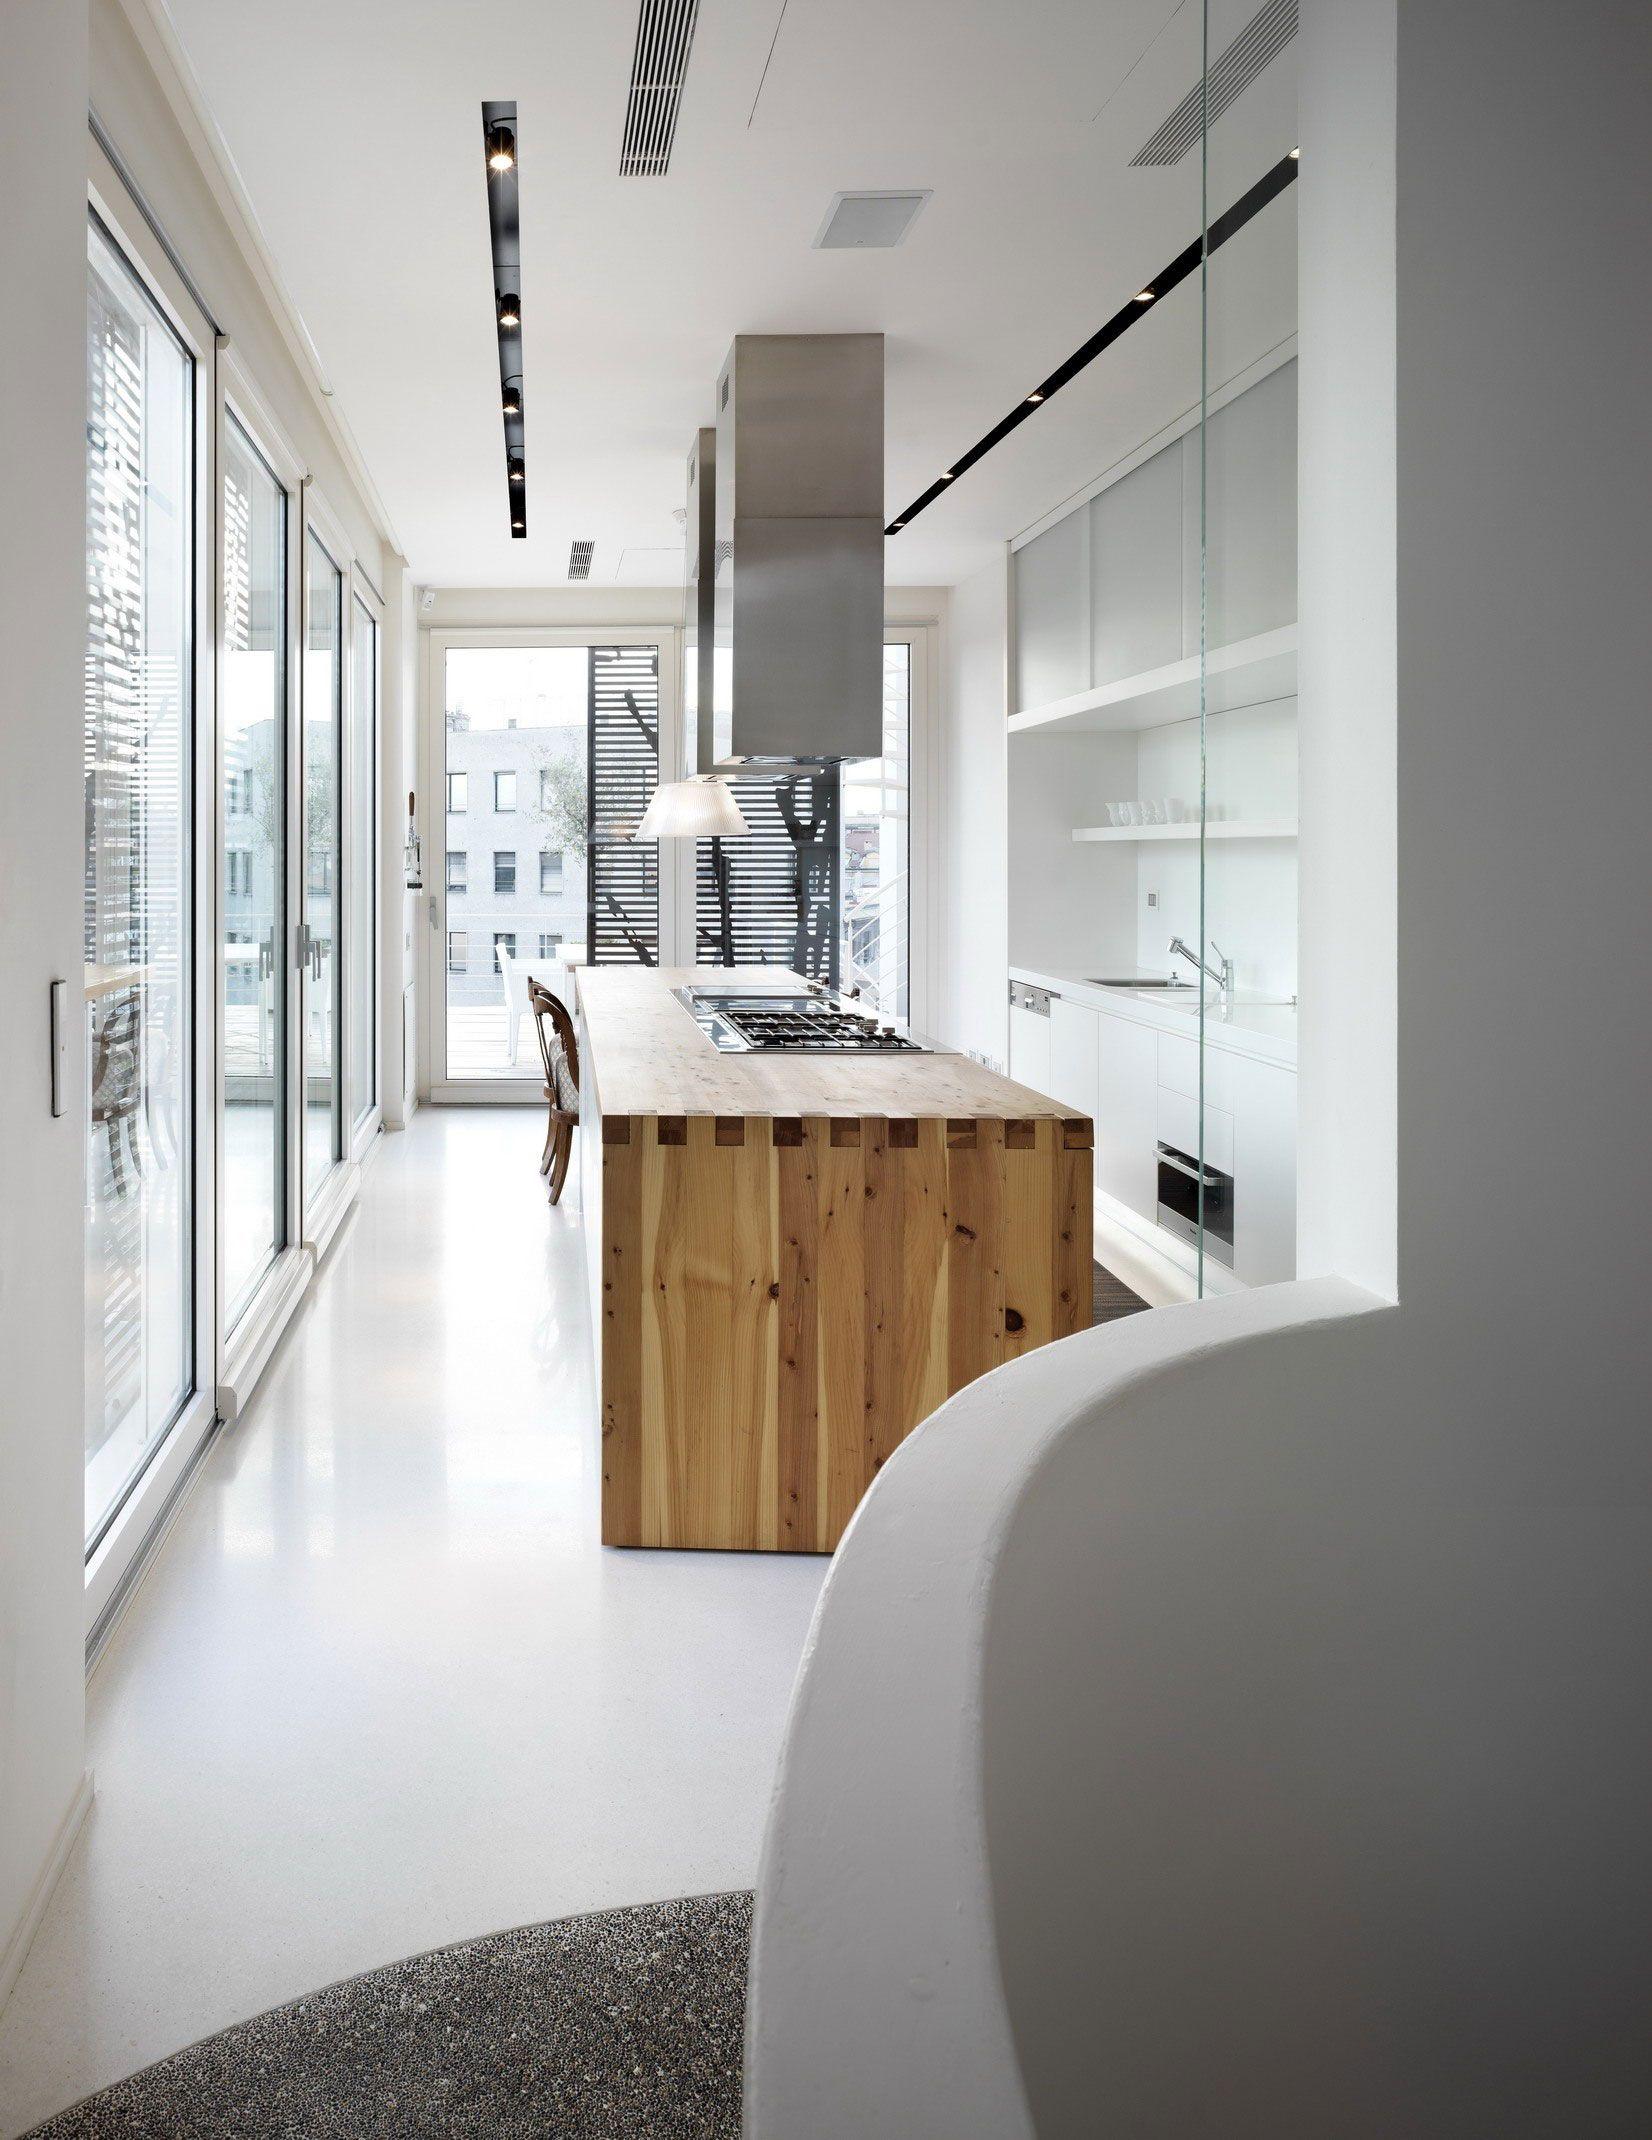 Cocina con isla de madera para zona de cocci n paredes for Suelo resina epoxi vivienda